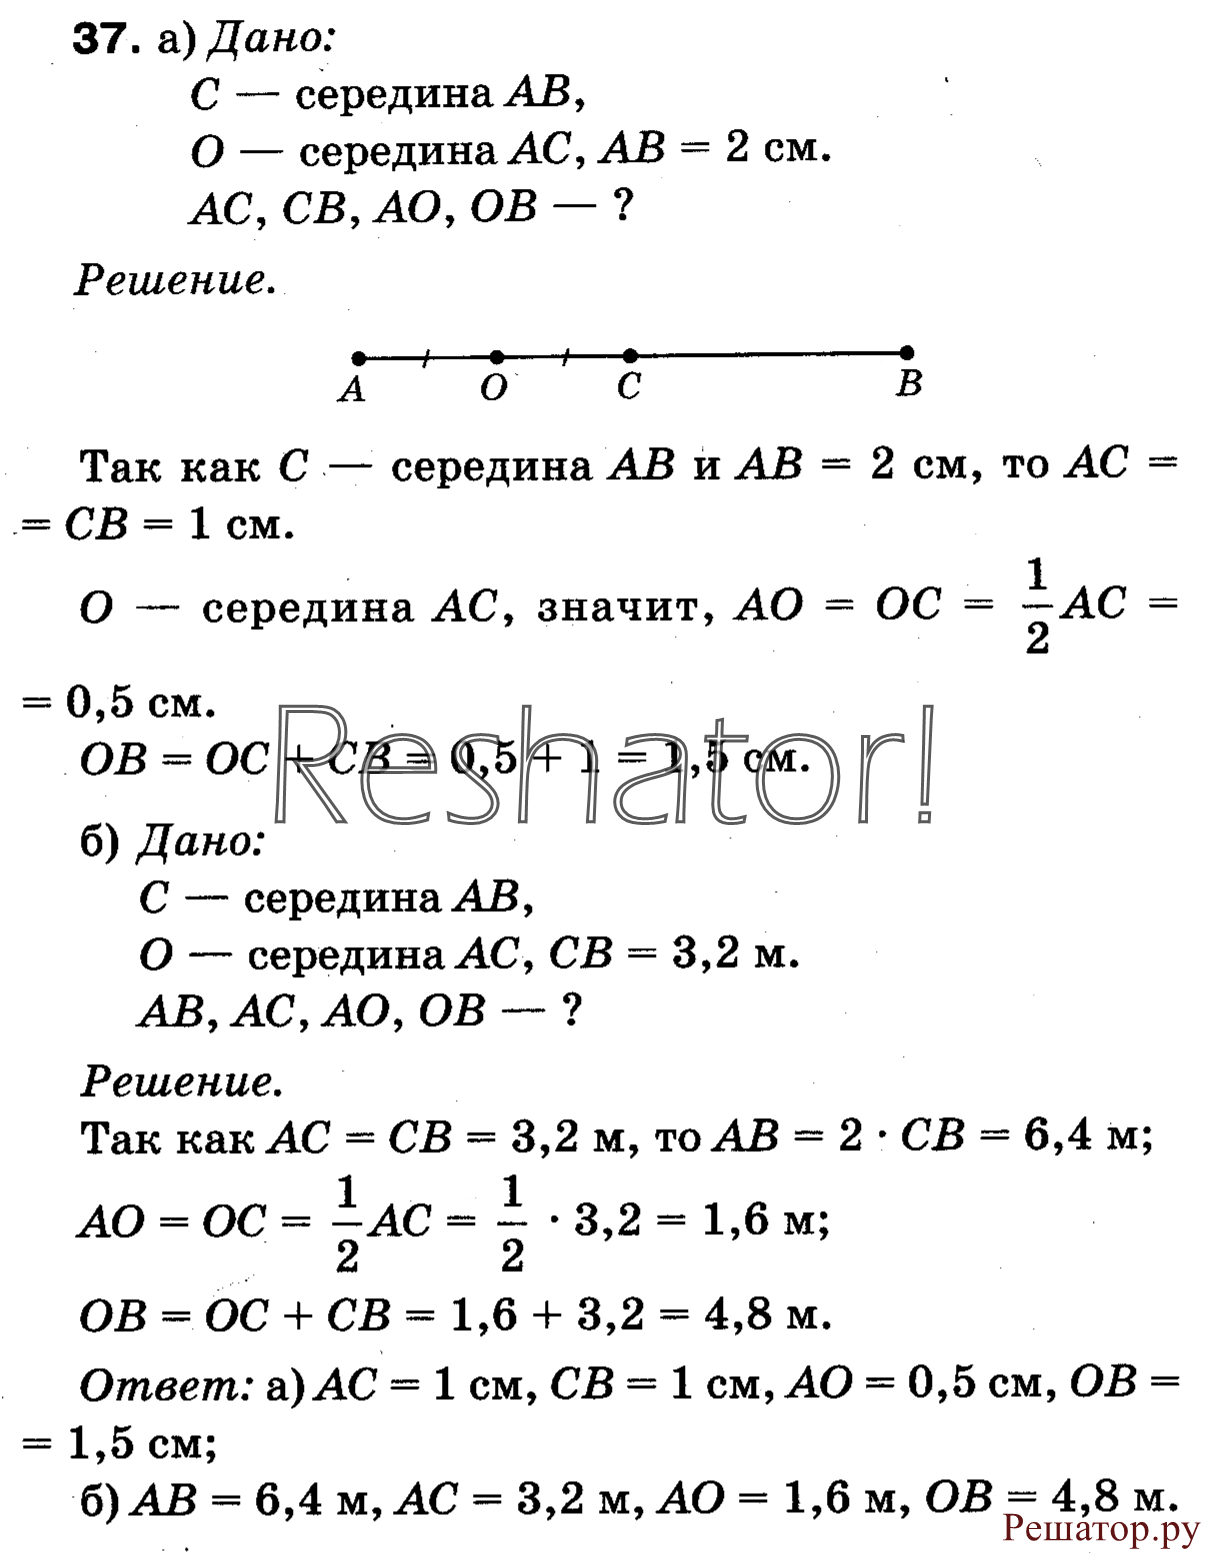 Гдз по русскому а.м земский 1 часть